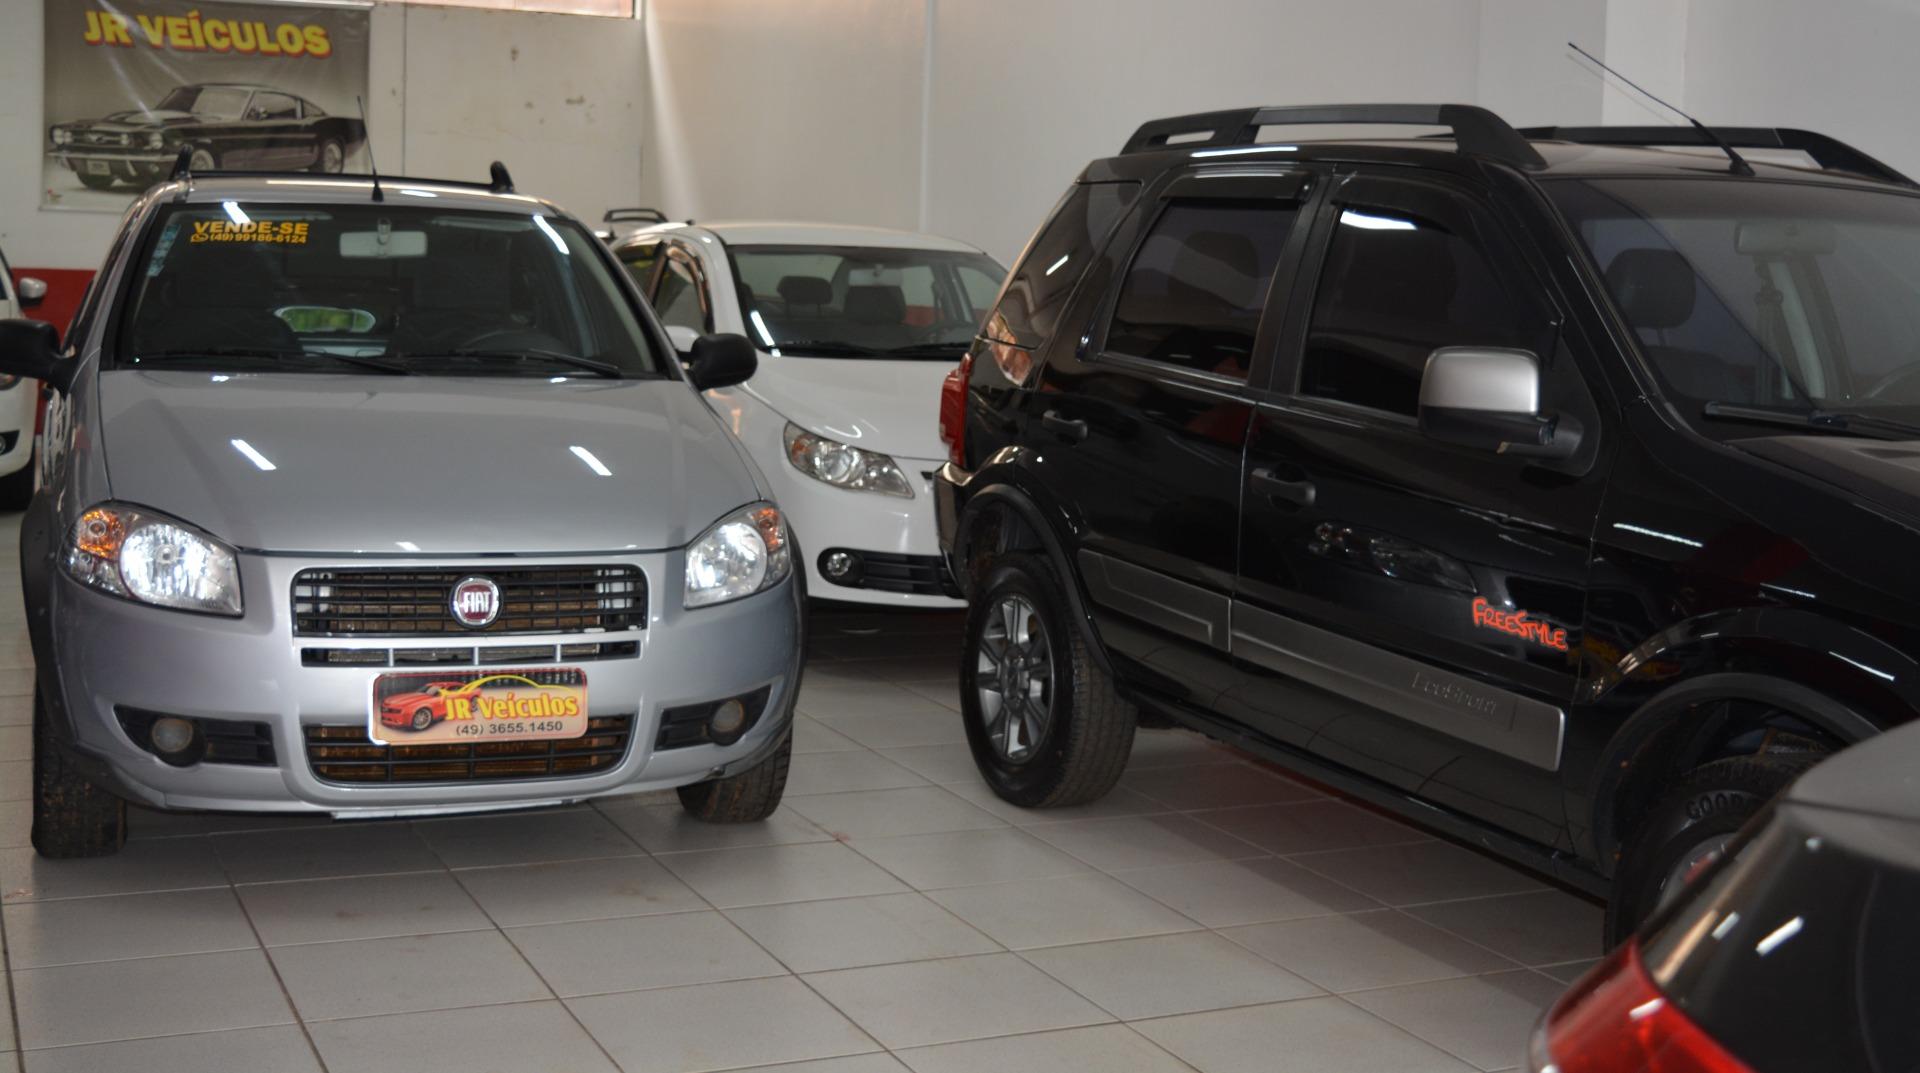 JR Veículos promove Mega Feirão de veículos